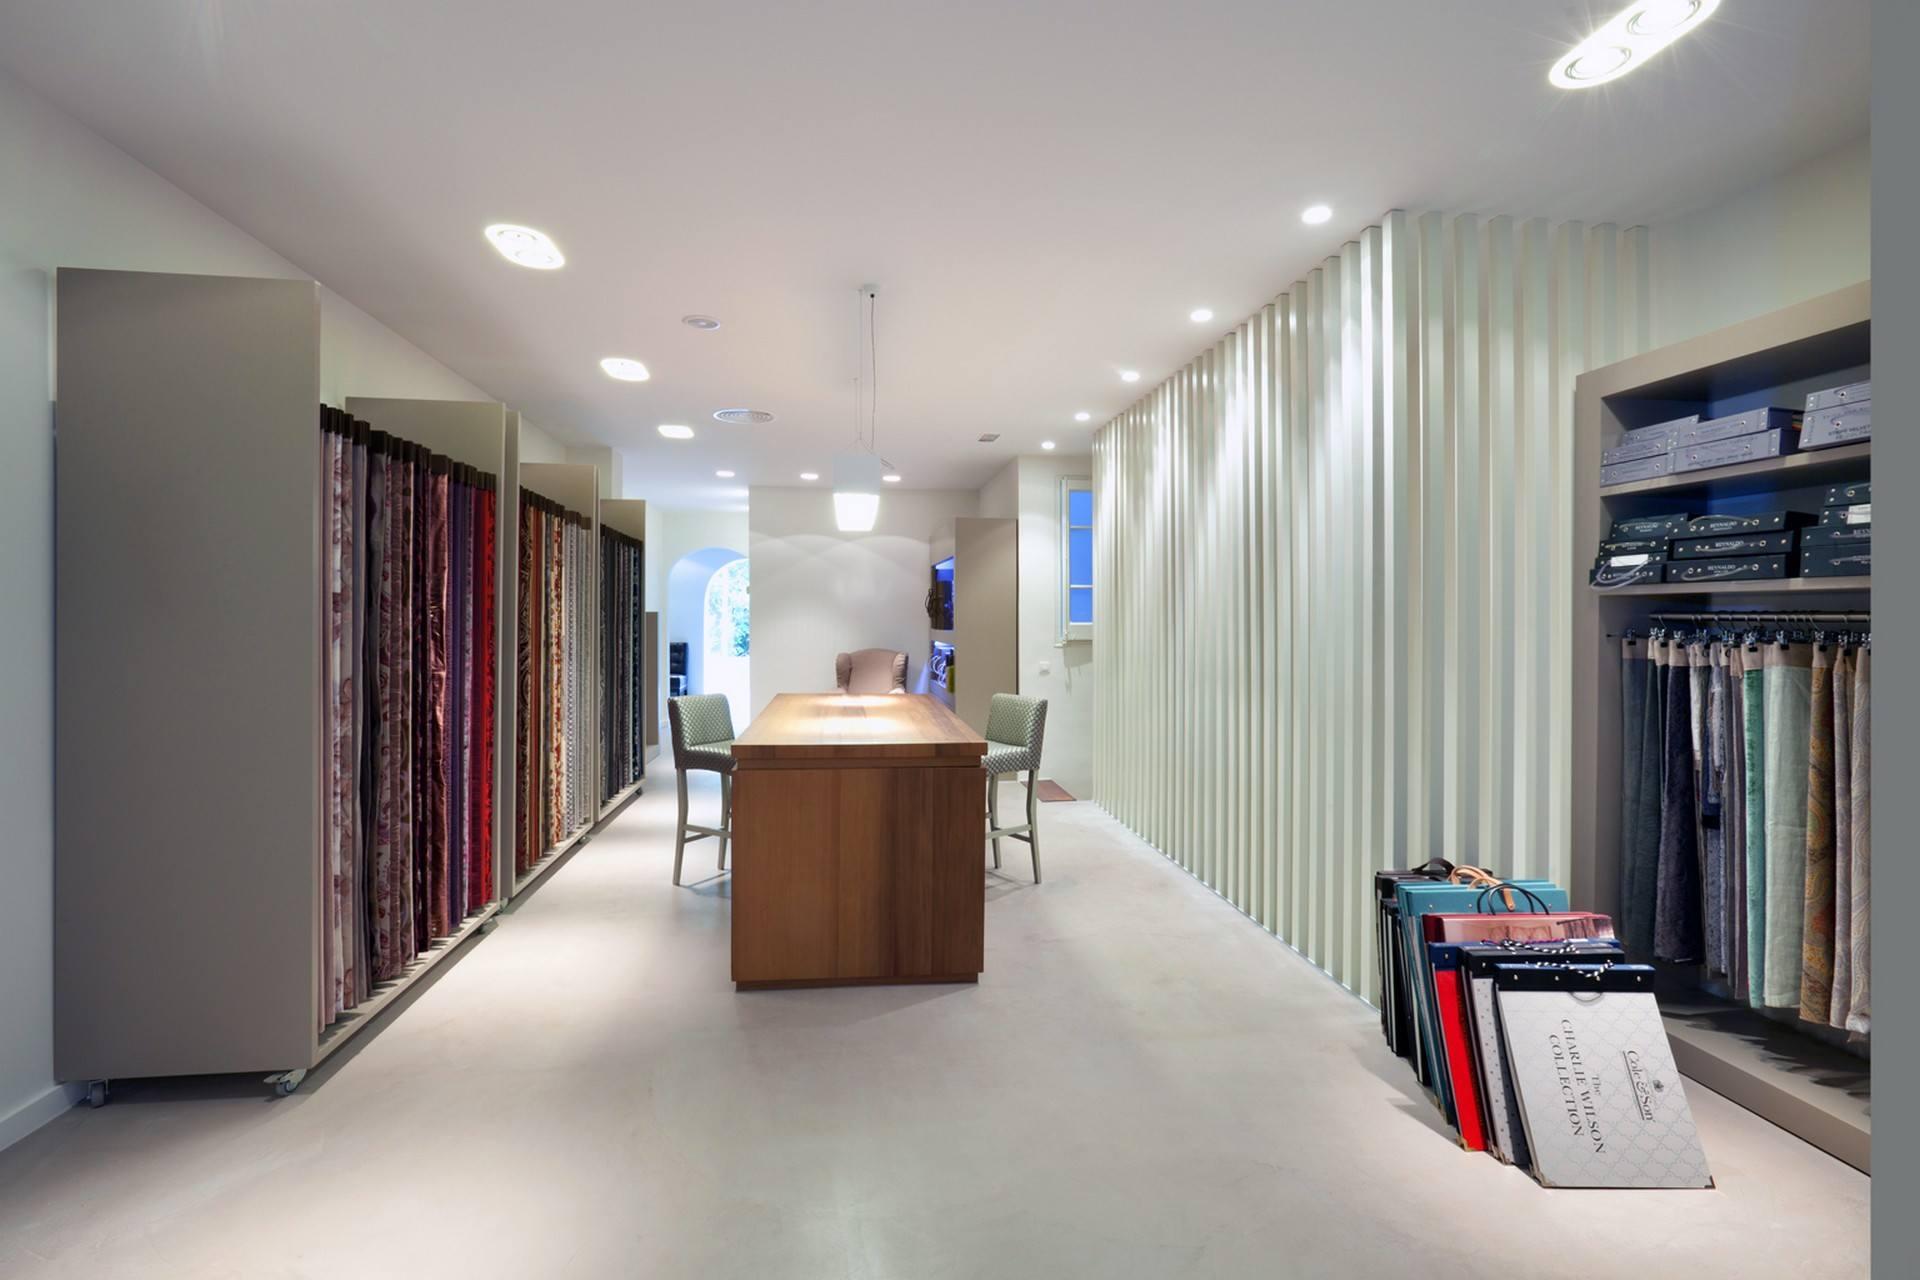 Microcemento de Tecnocemento en tiendas de telas